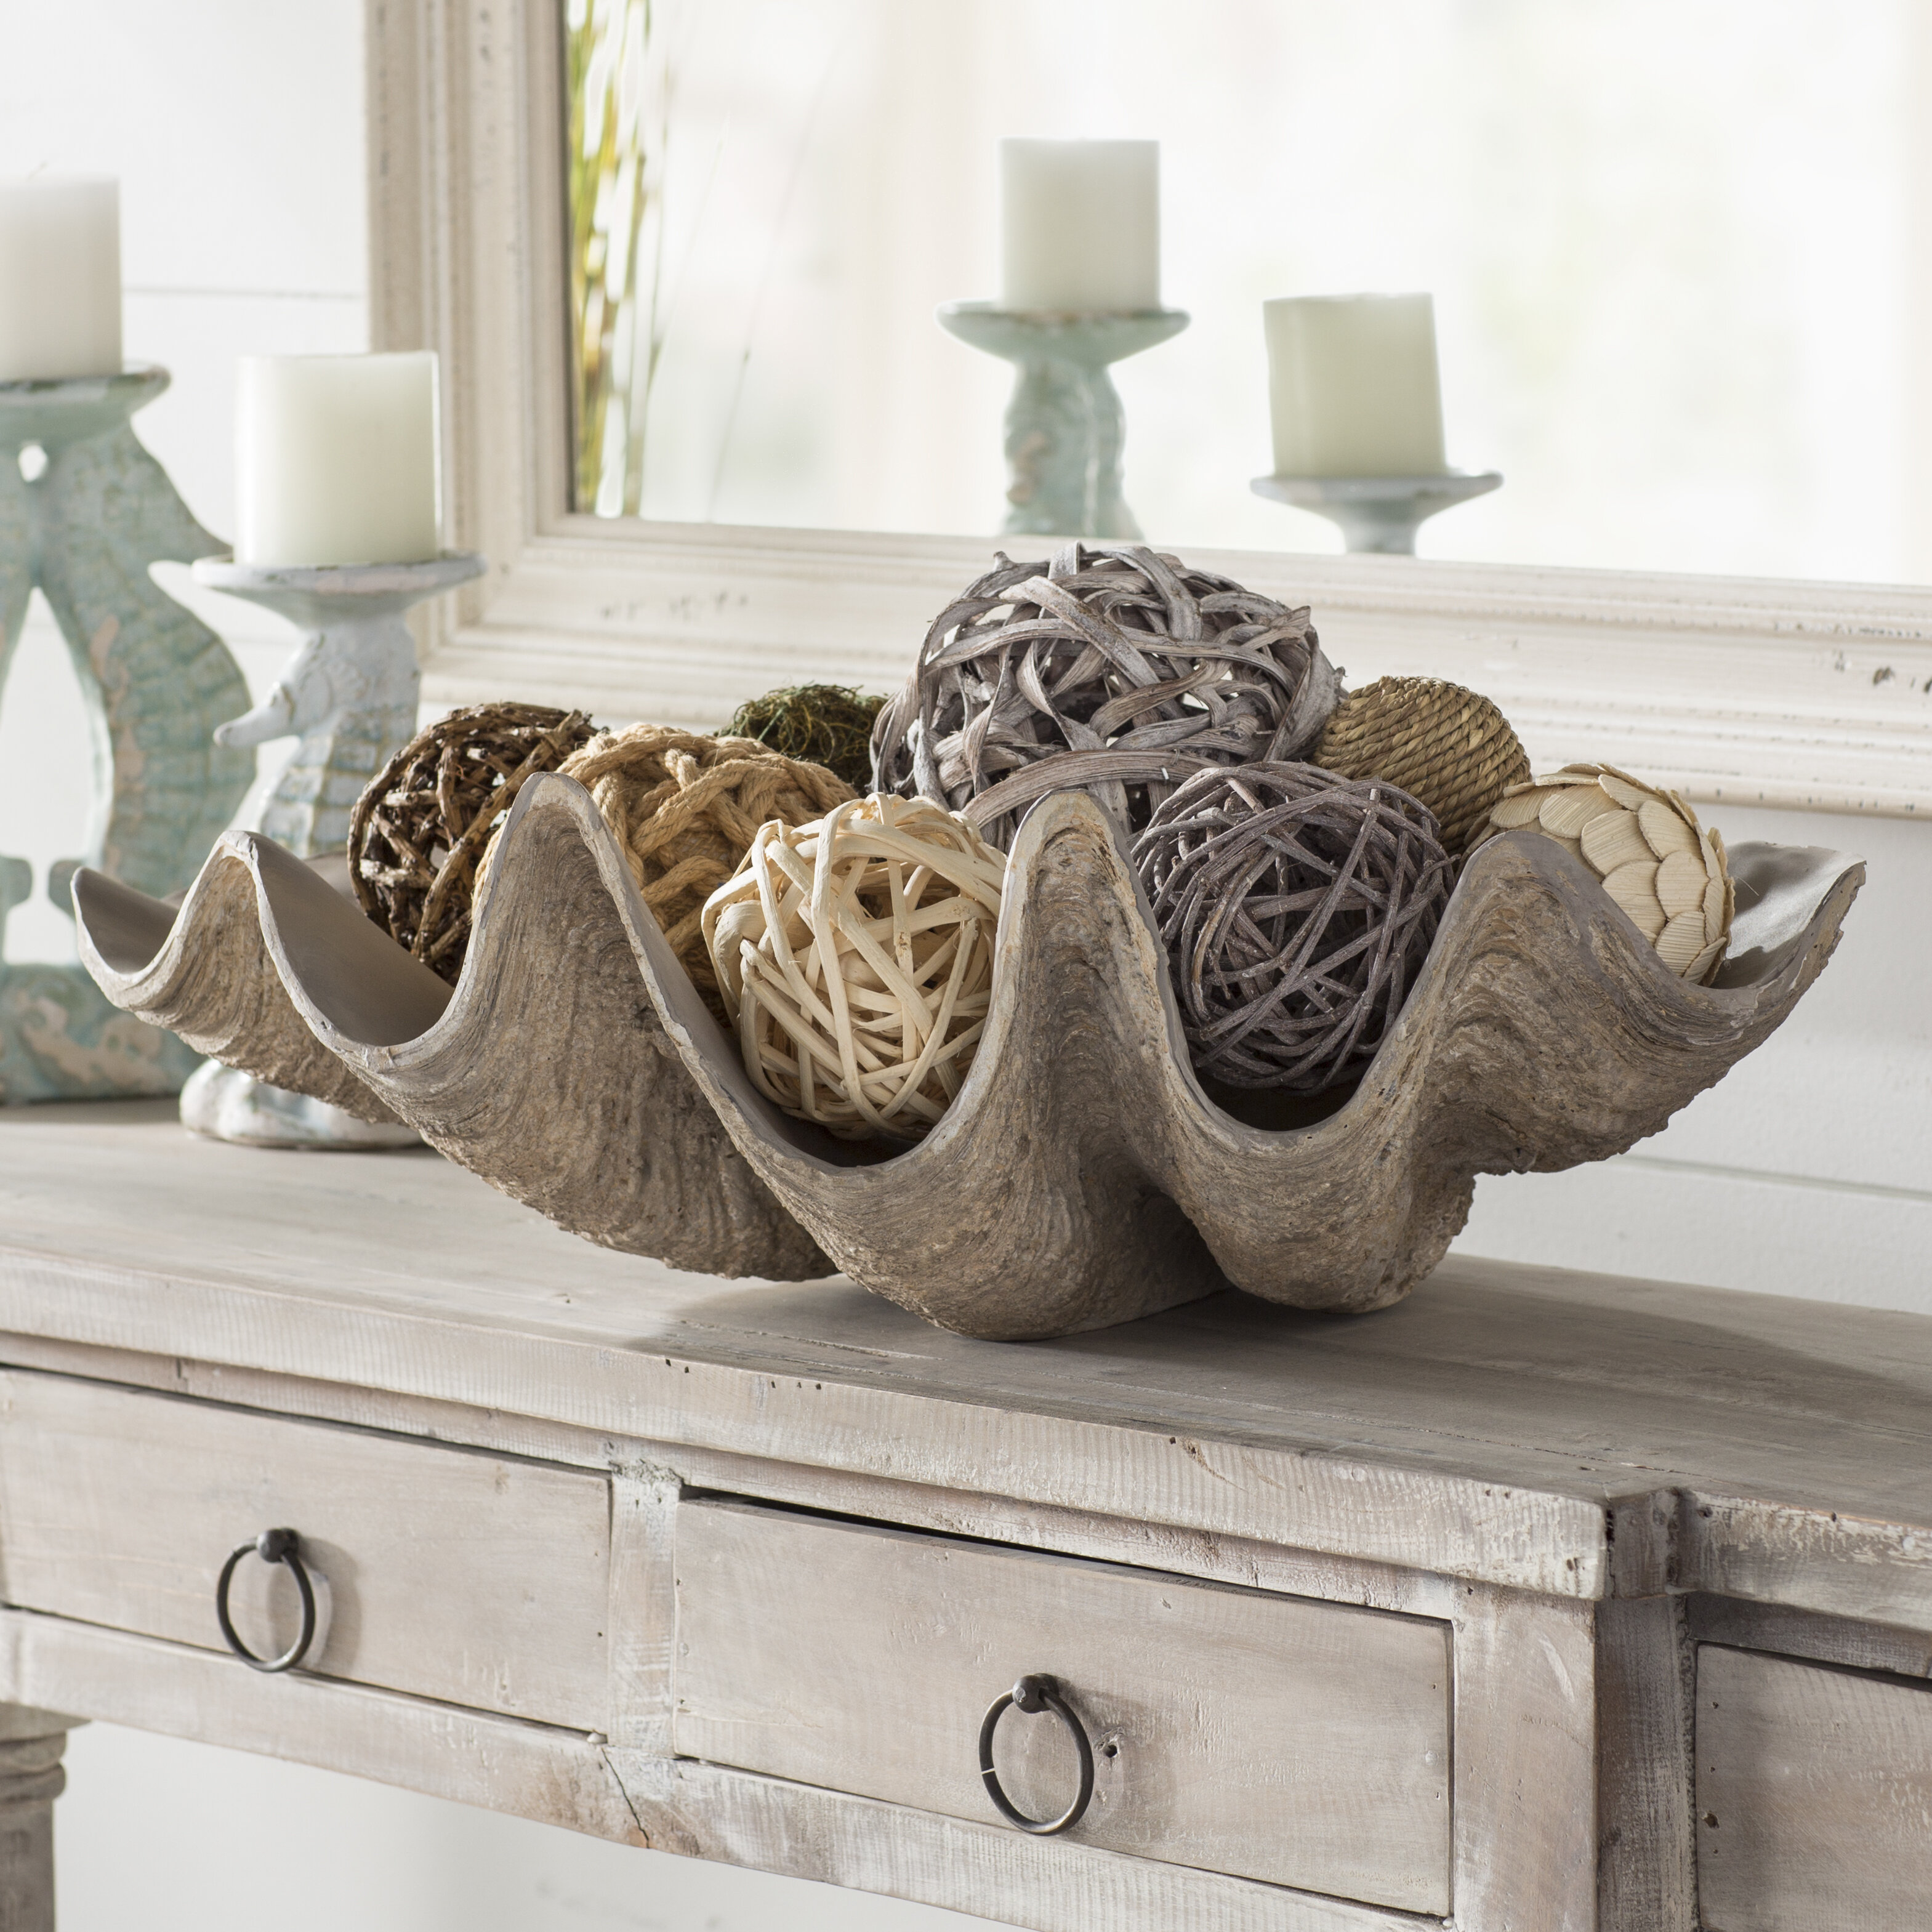 & Beachcrest Home Clam Shell Decorative Bowl \u0026 Reviews | Wayfair